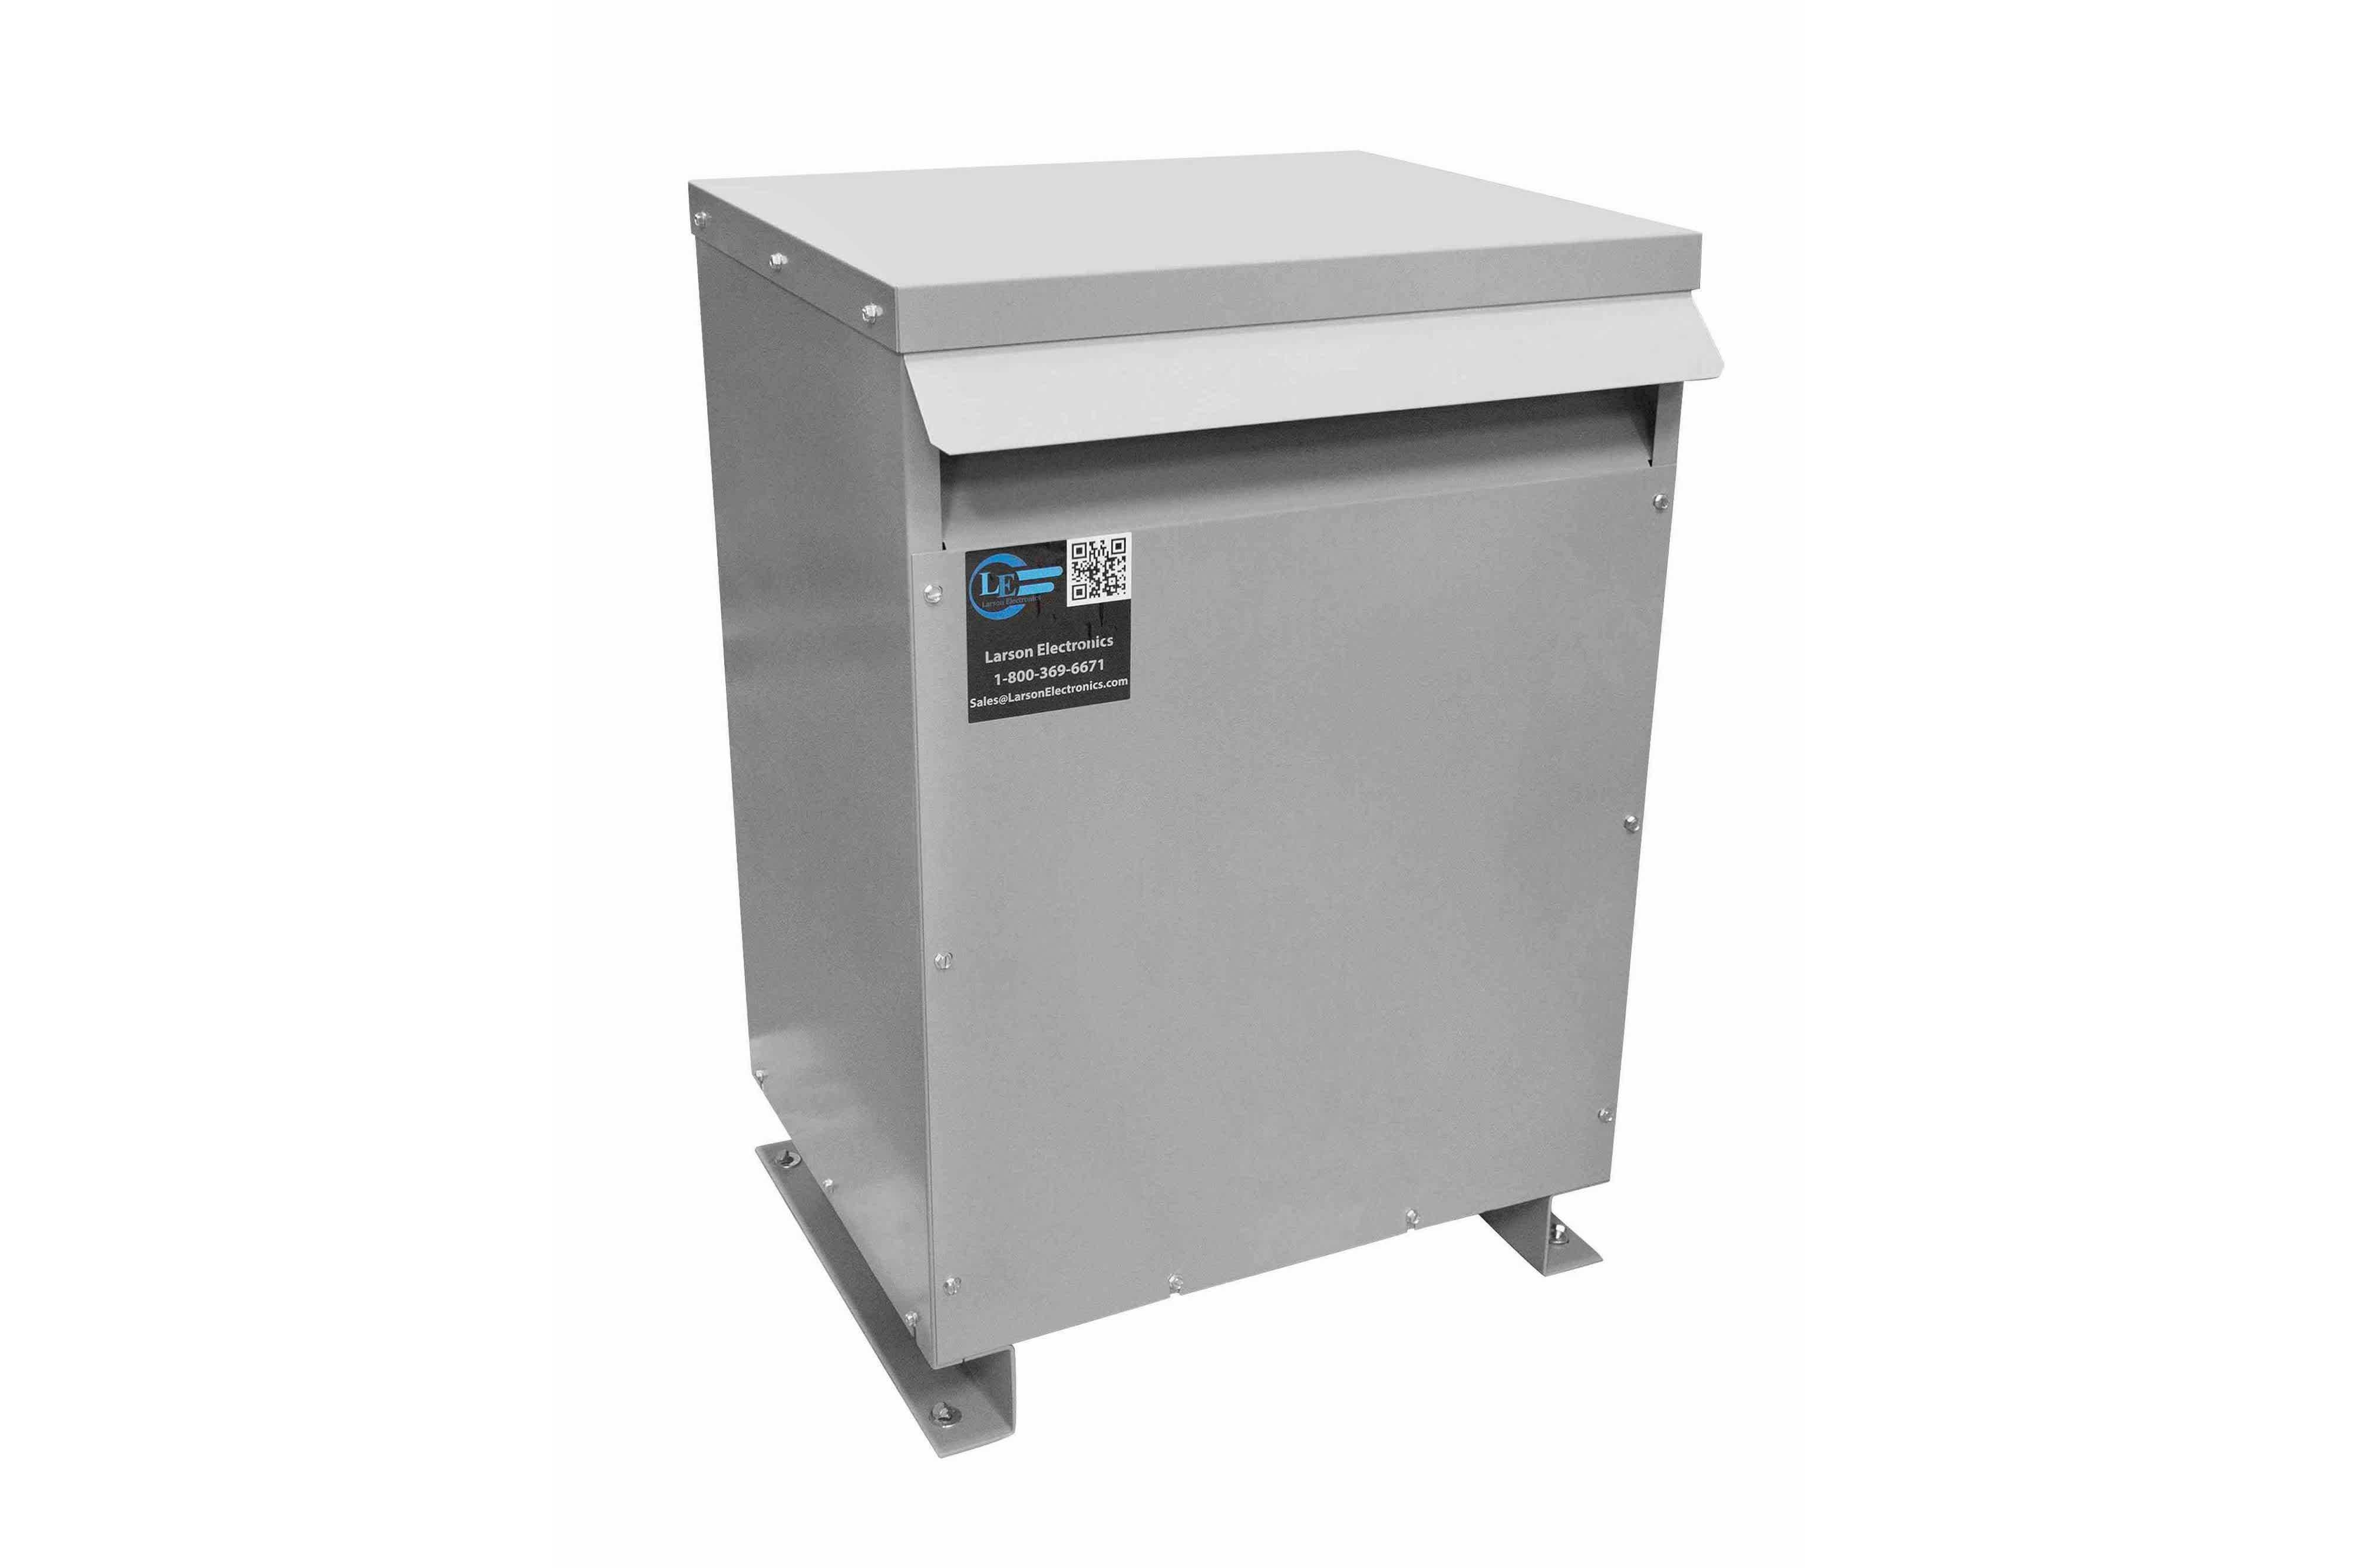 175 kVA 3PH Isolation Transformer, 480V Delta Primary, 480V Delta Secondary, N3R, Ventilated, 60 Hz